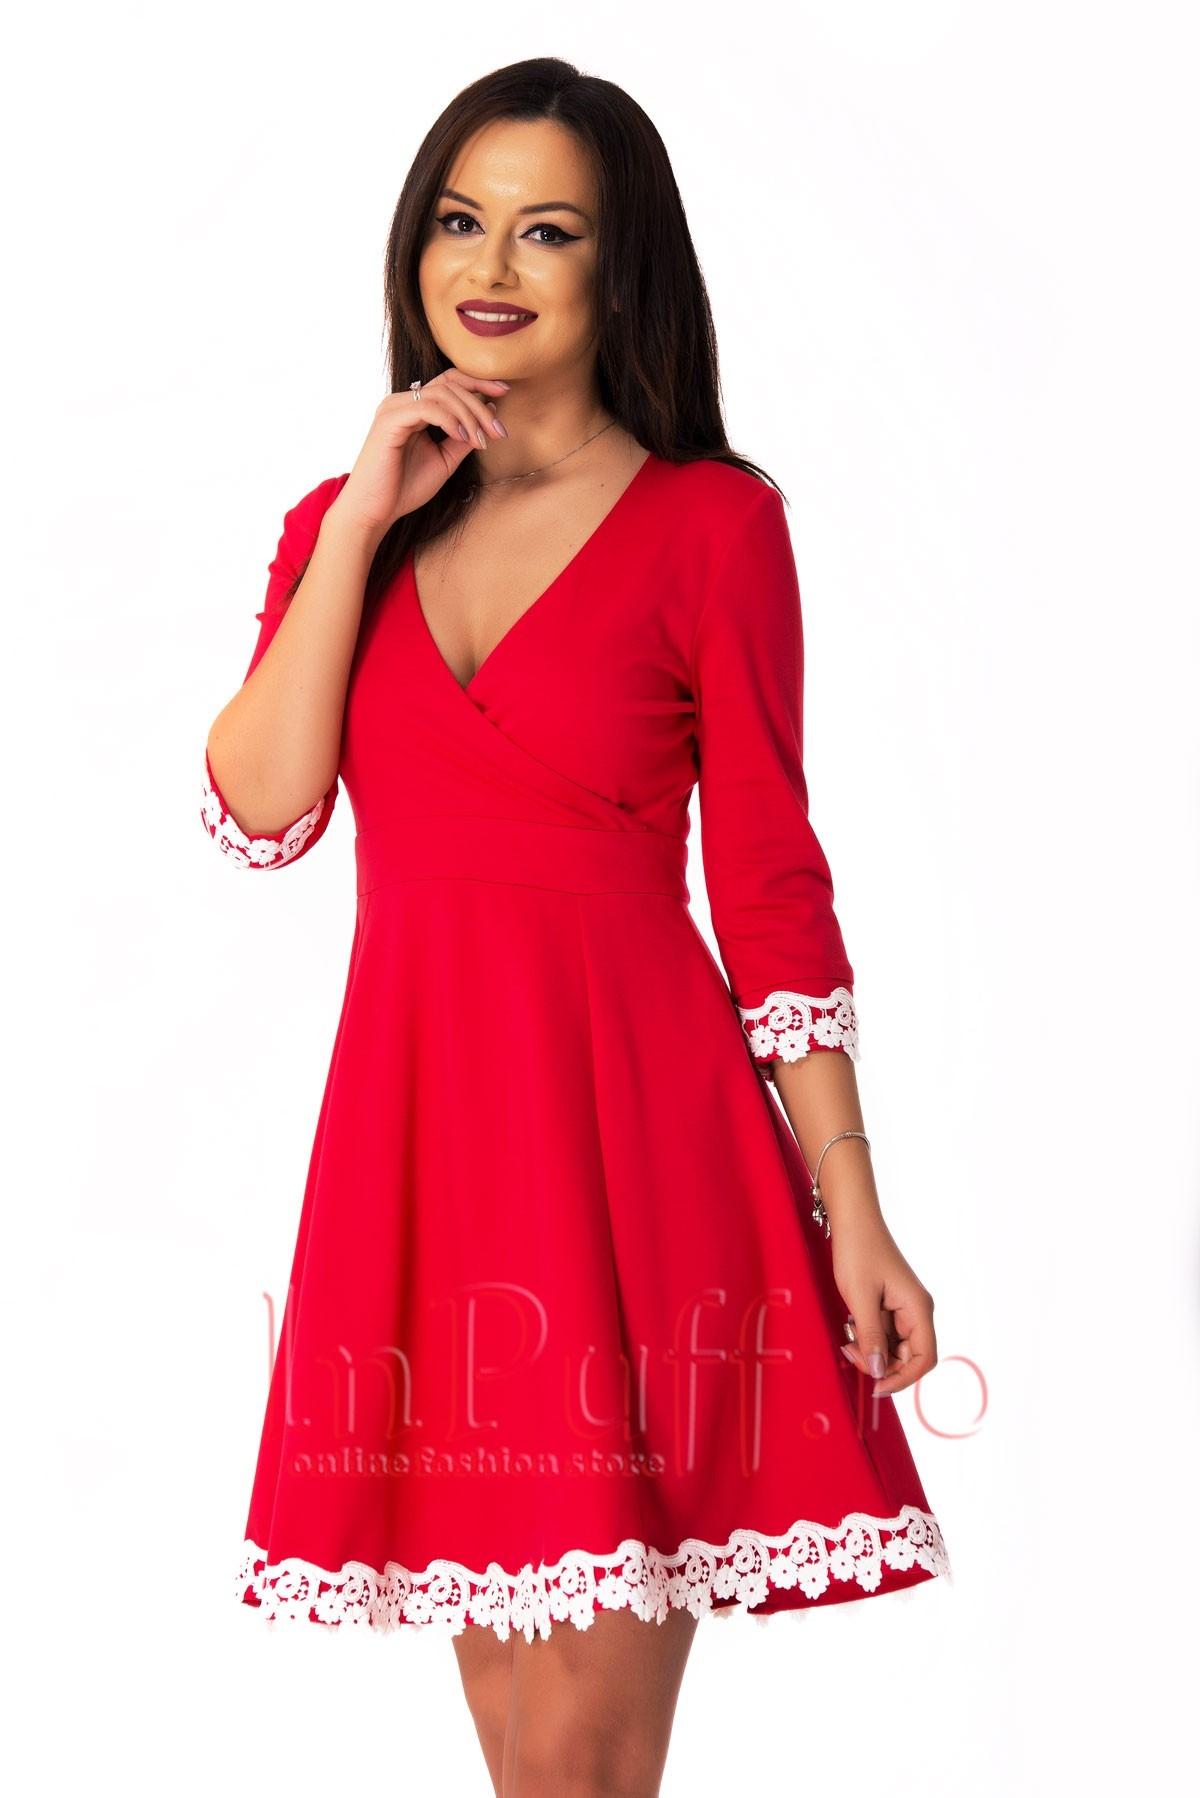 Rochie eleganta rosie accesorizata cu broderie alba